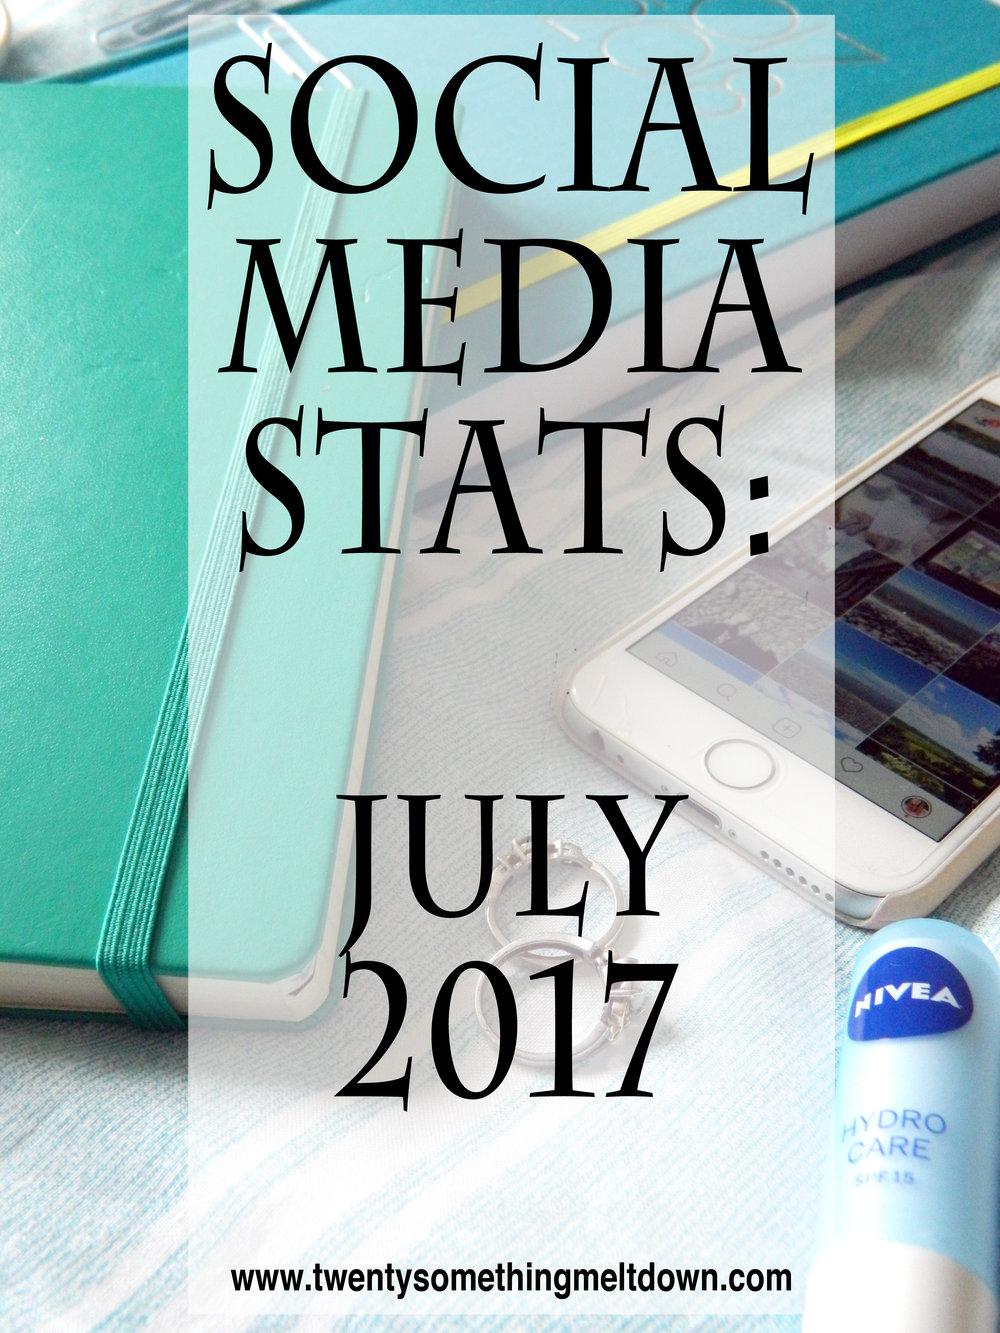 Social Media Statistics - July 2017